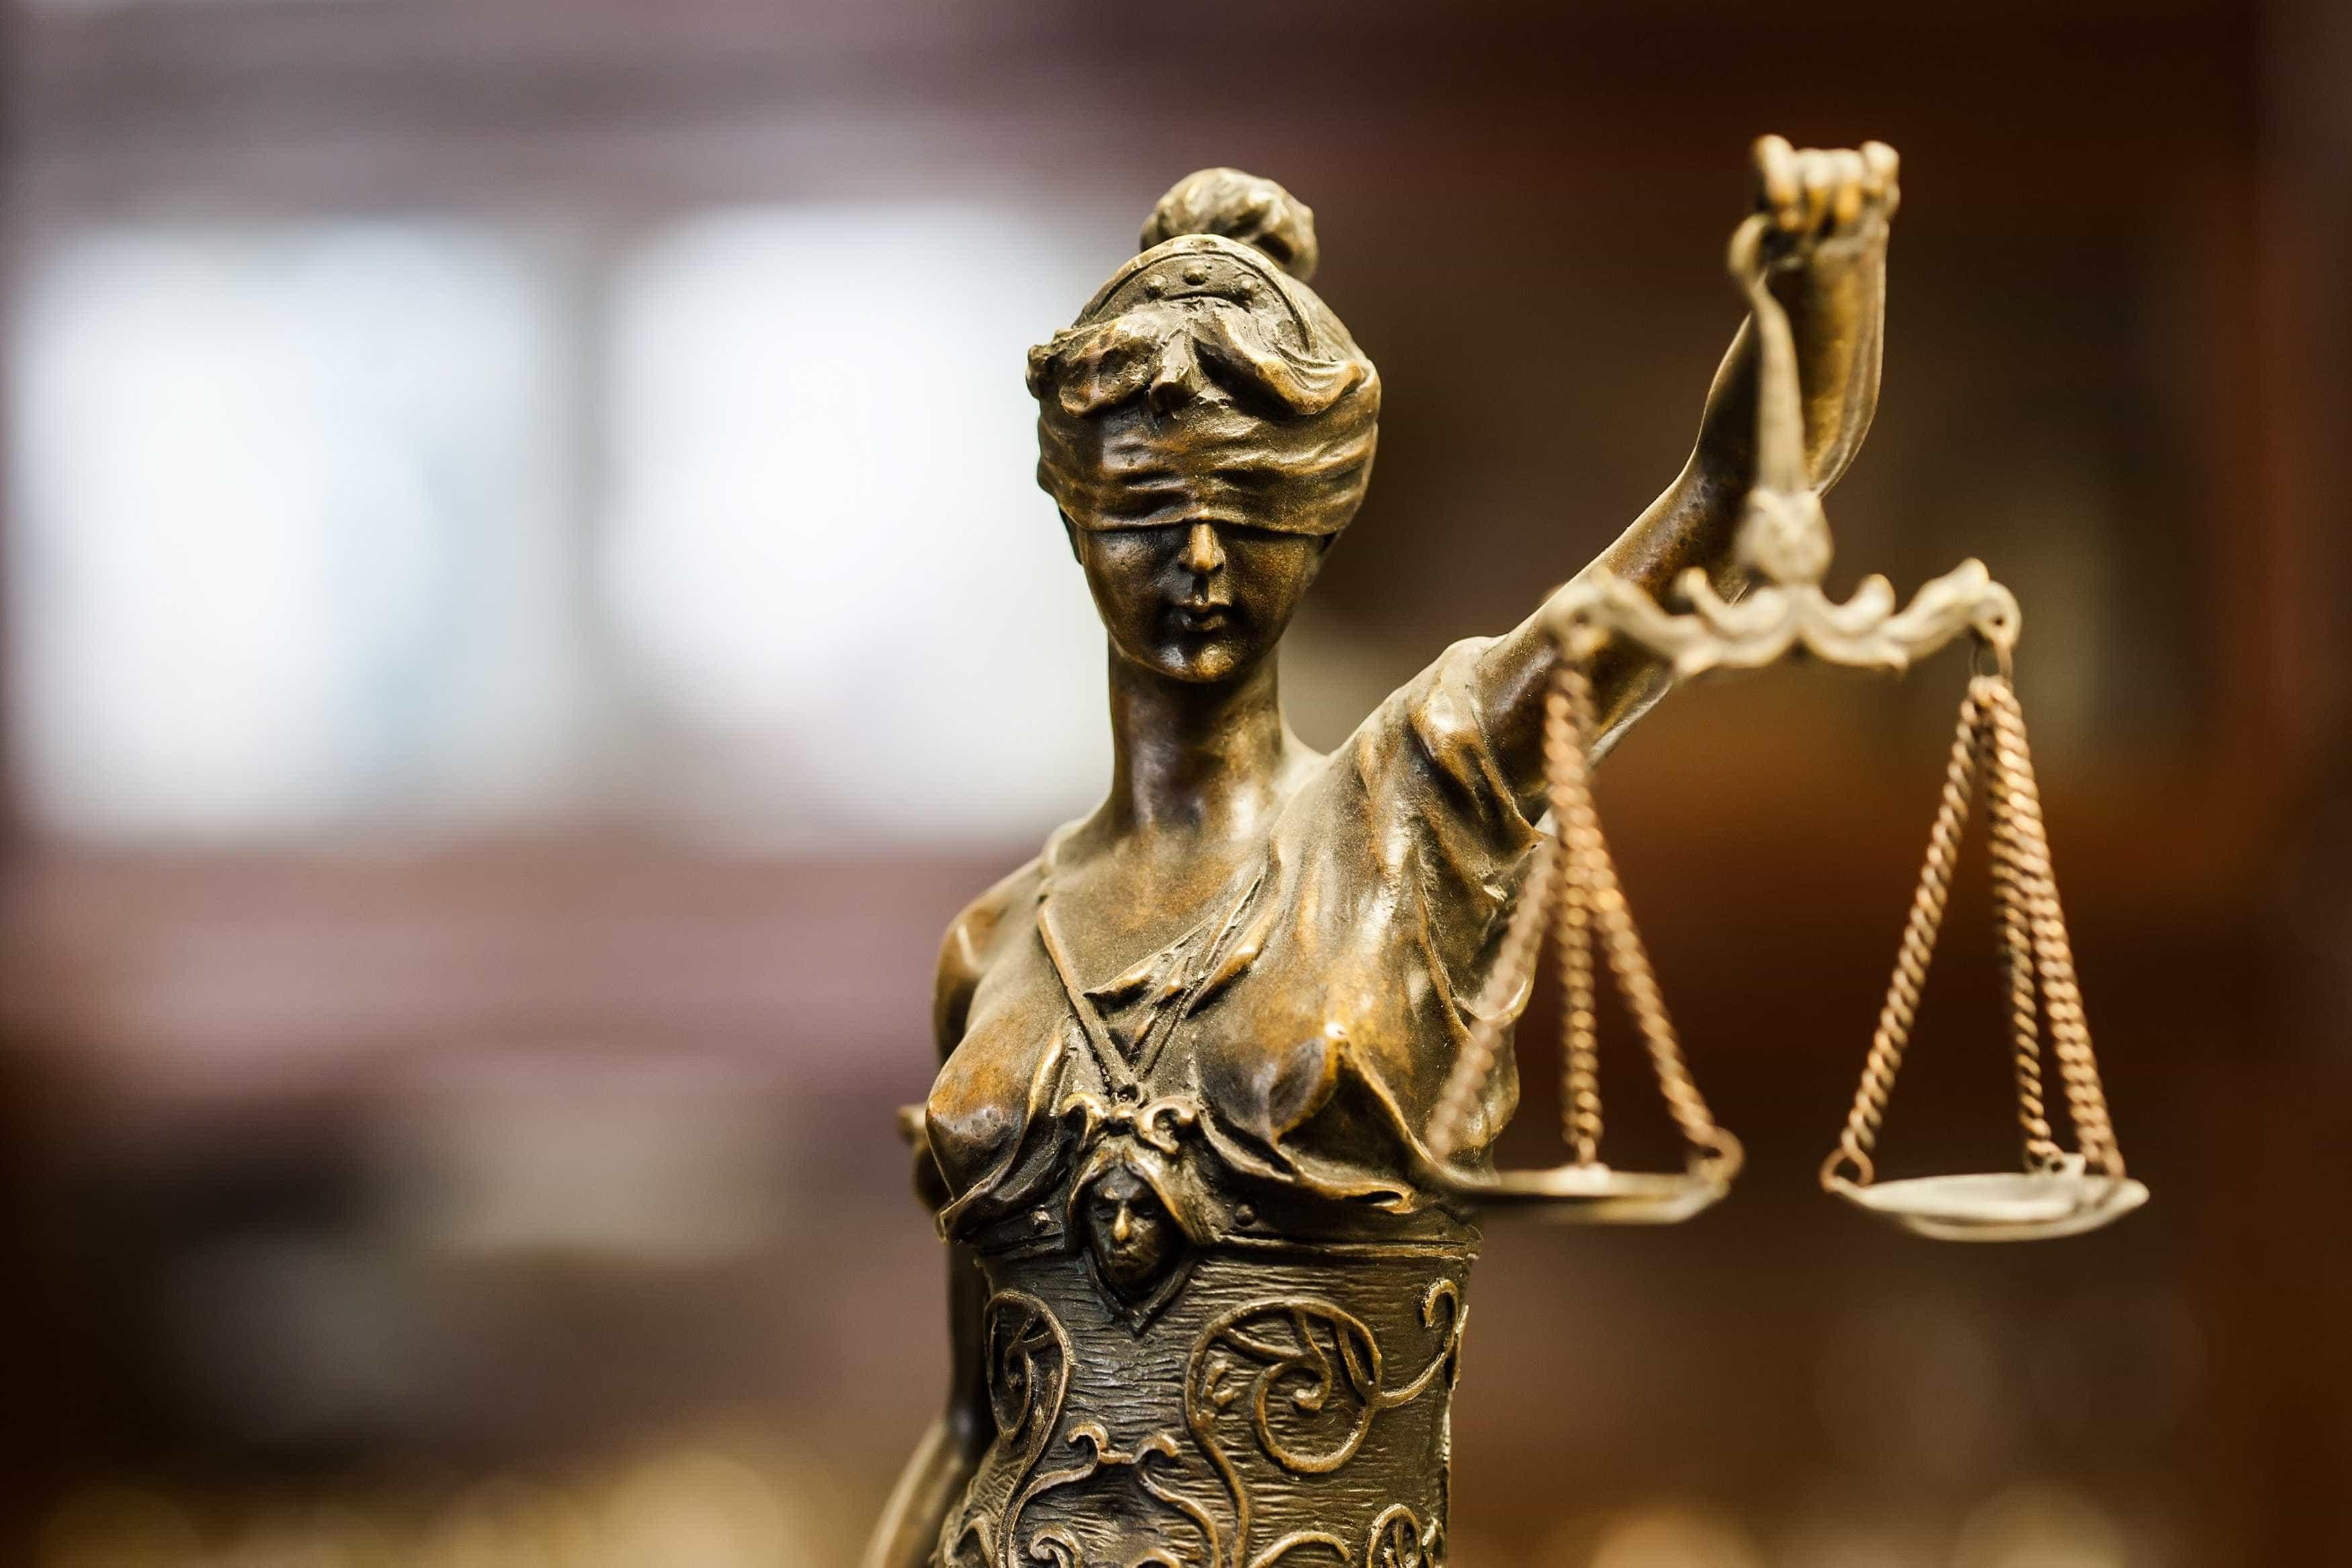 Tribunal confirma absolvição baseada em (mais um) acórdão polémico